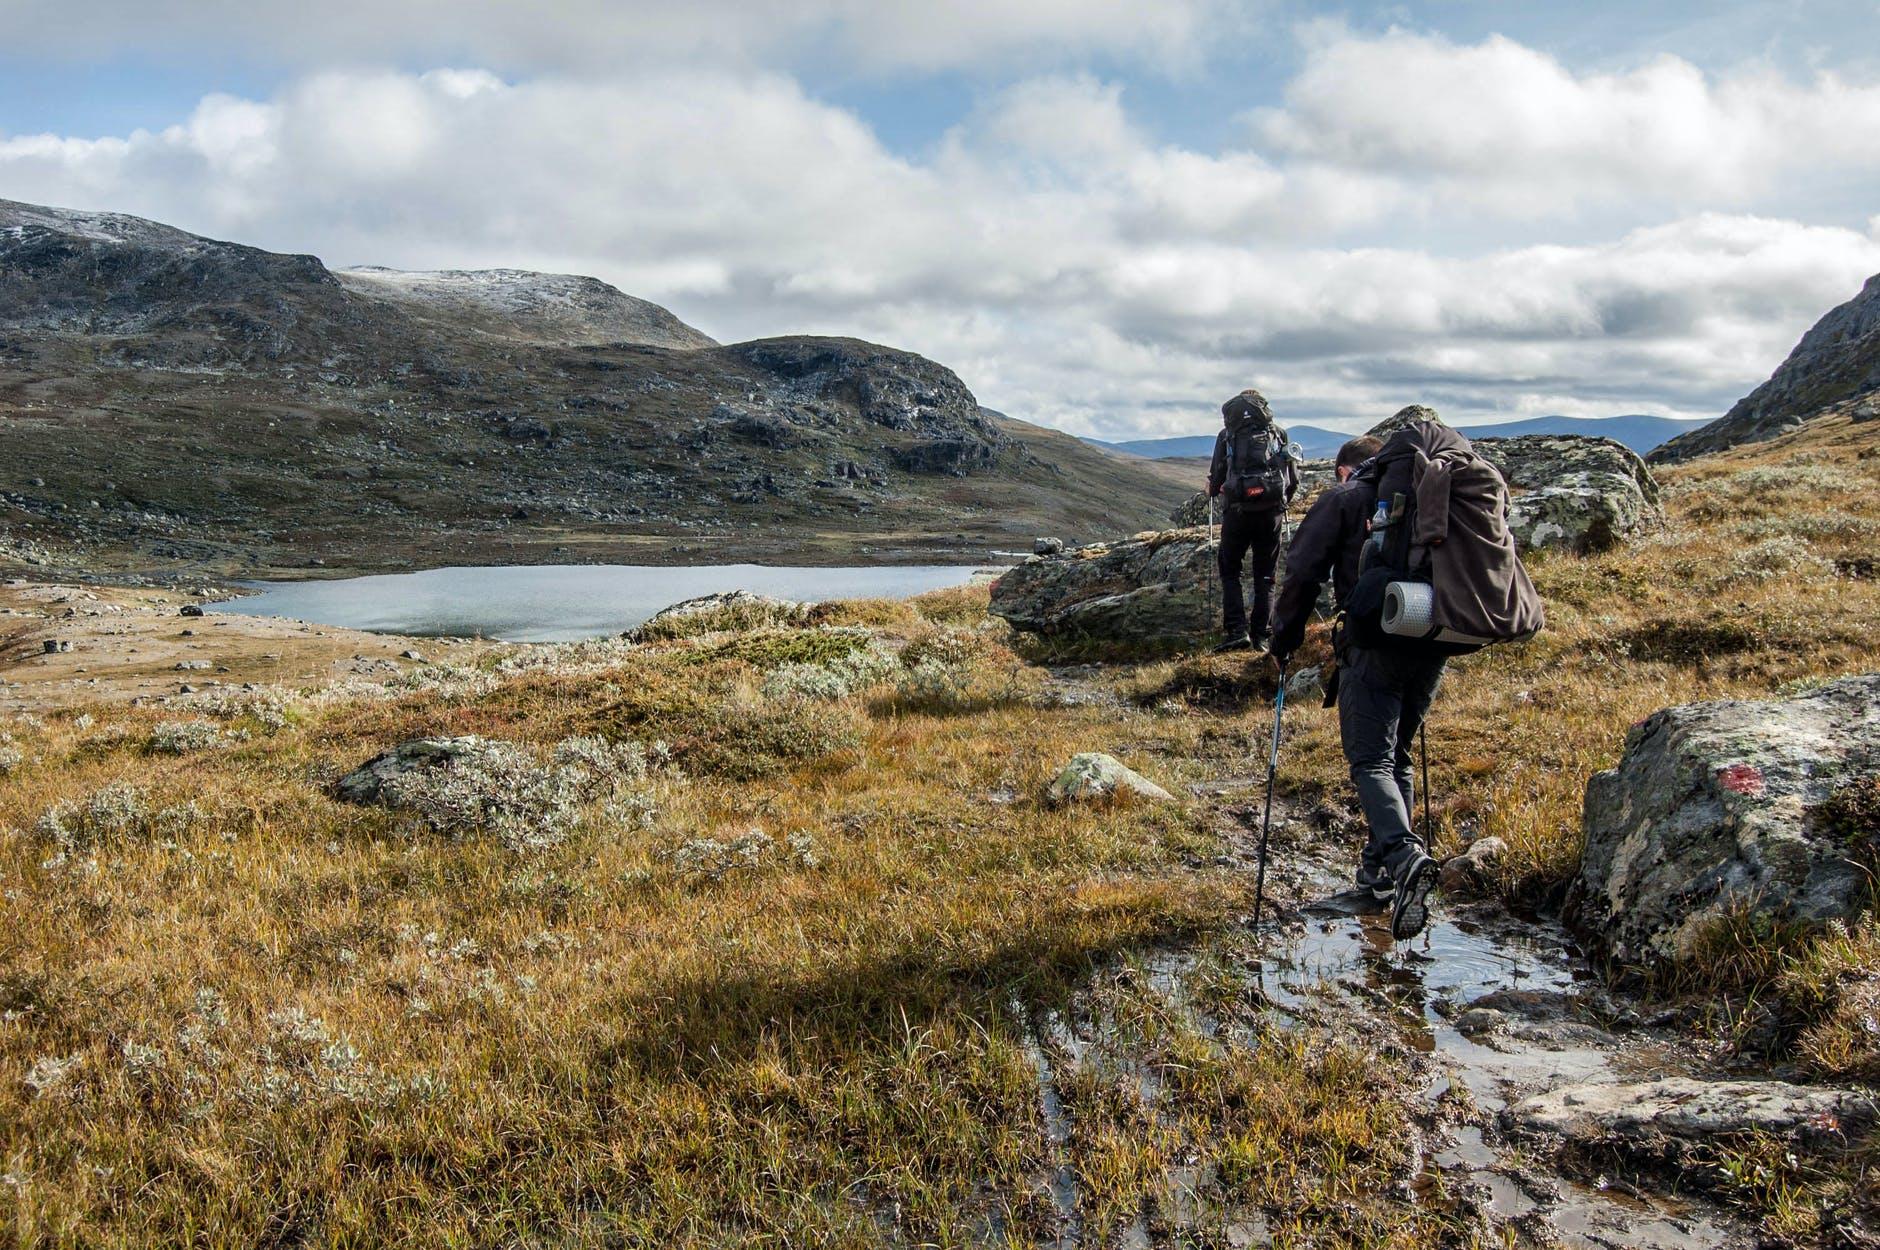 Dwoje ludzi wędrujących po górach obok jeziora